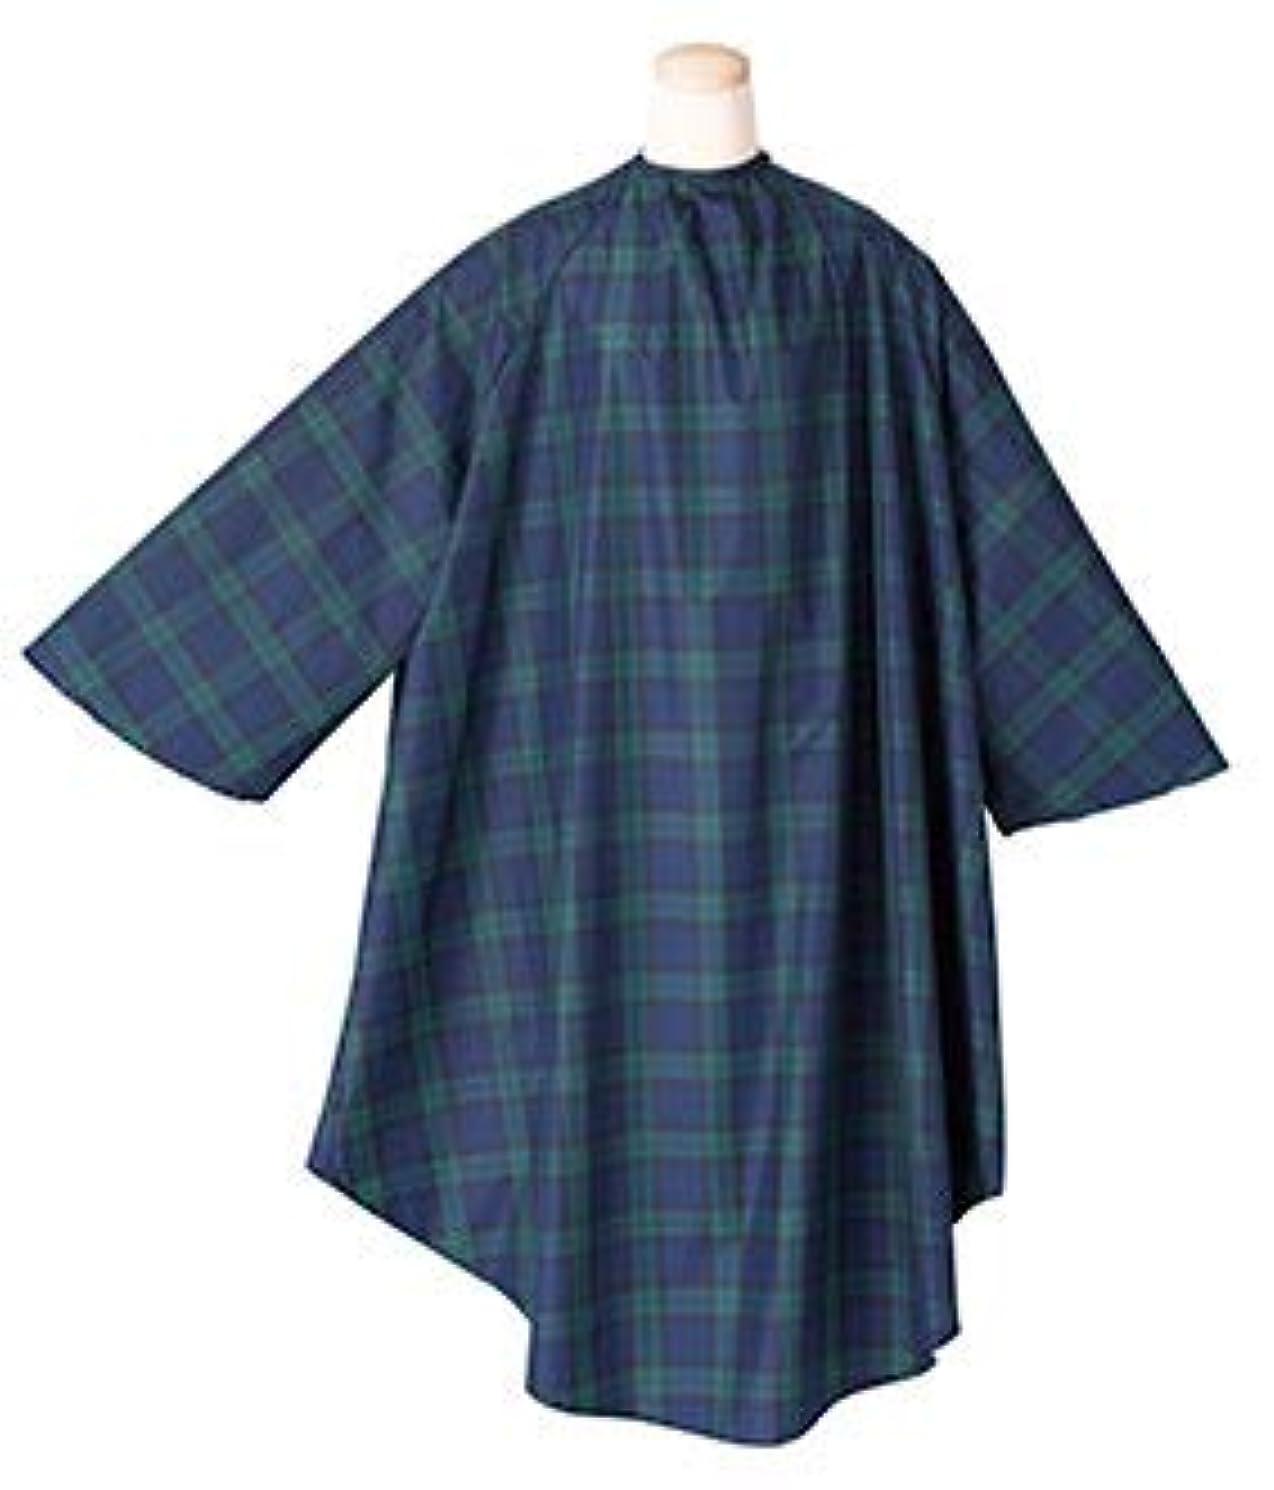 ビルマお手入れ患者エルコ 7225 タータンチェックⅡ 袖付ヘアダイクロス ナイロン100% 防水加工 毛染め/白髪染め/ヘアカラー